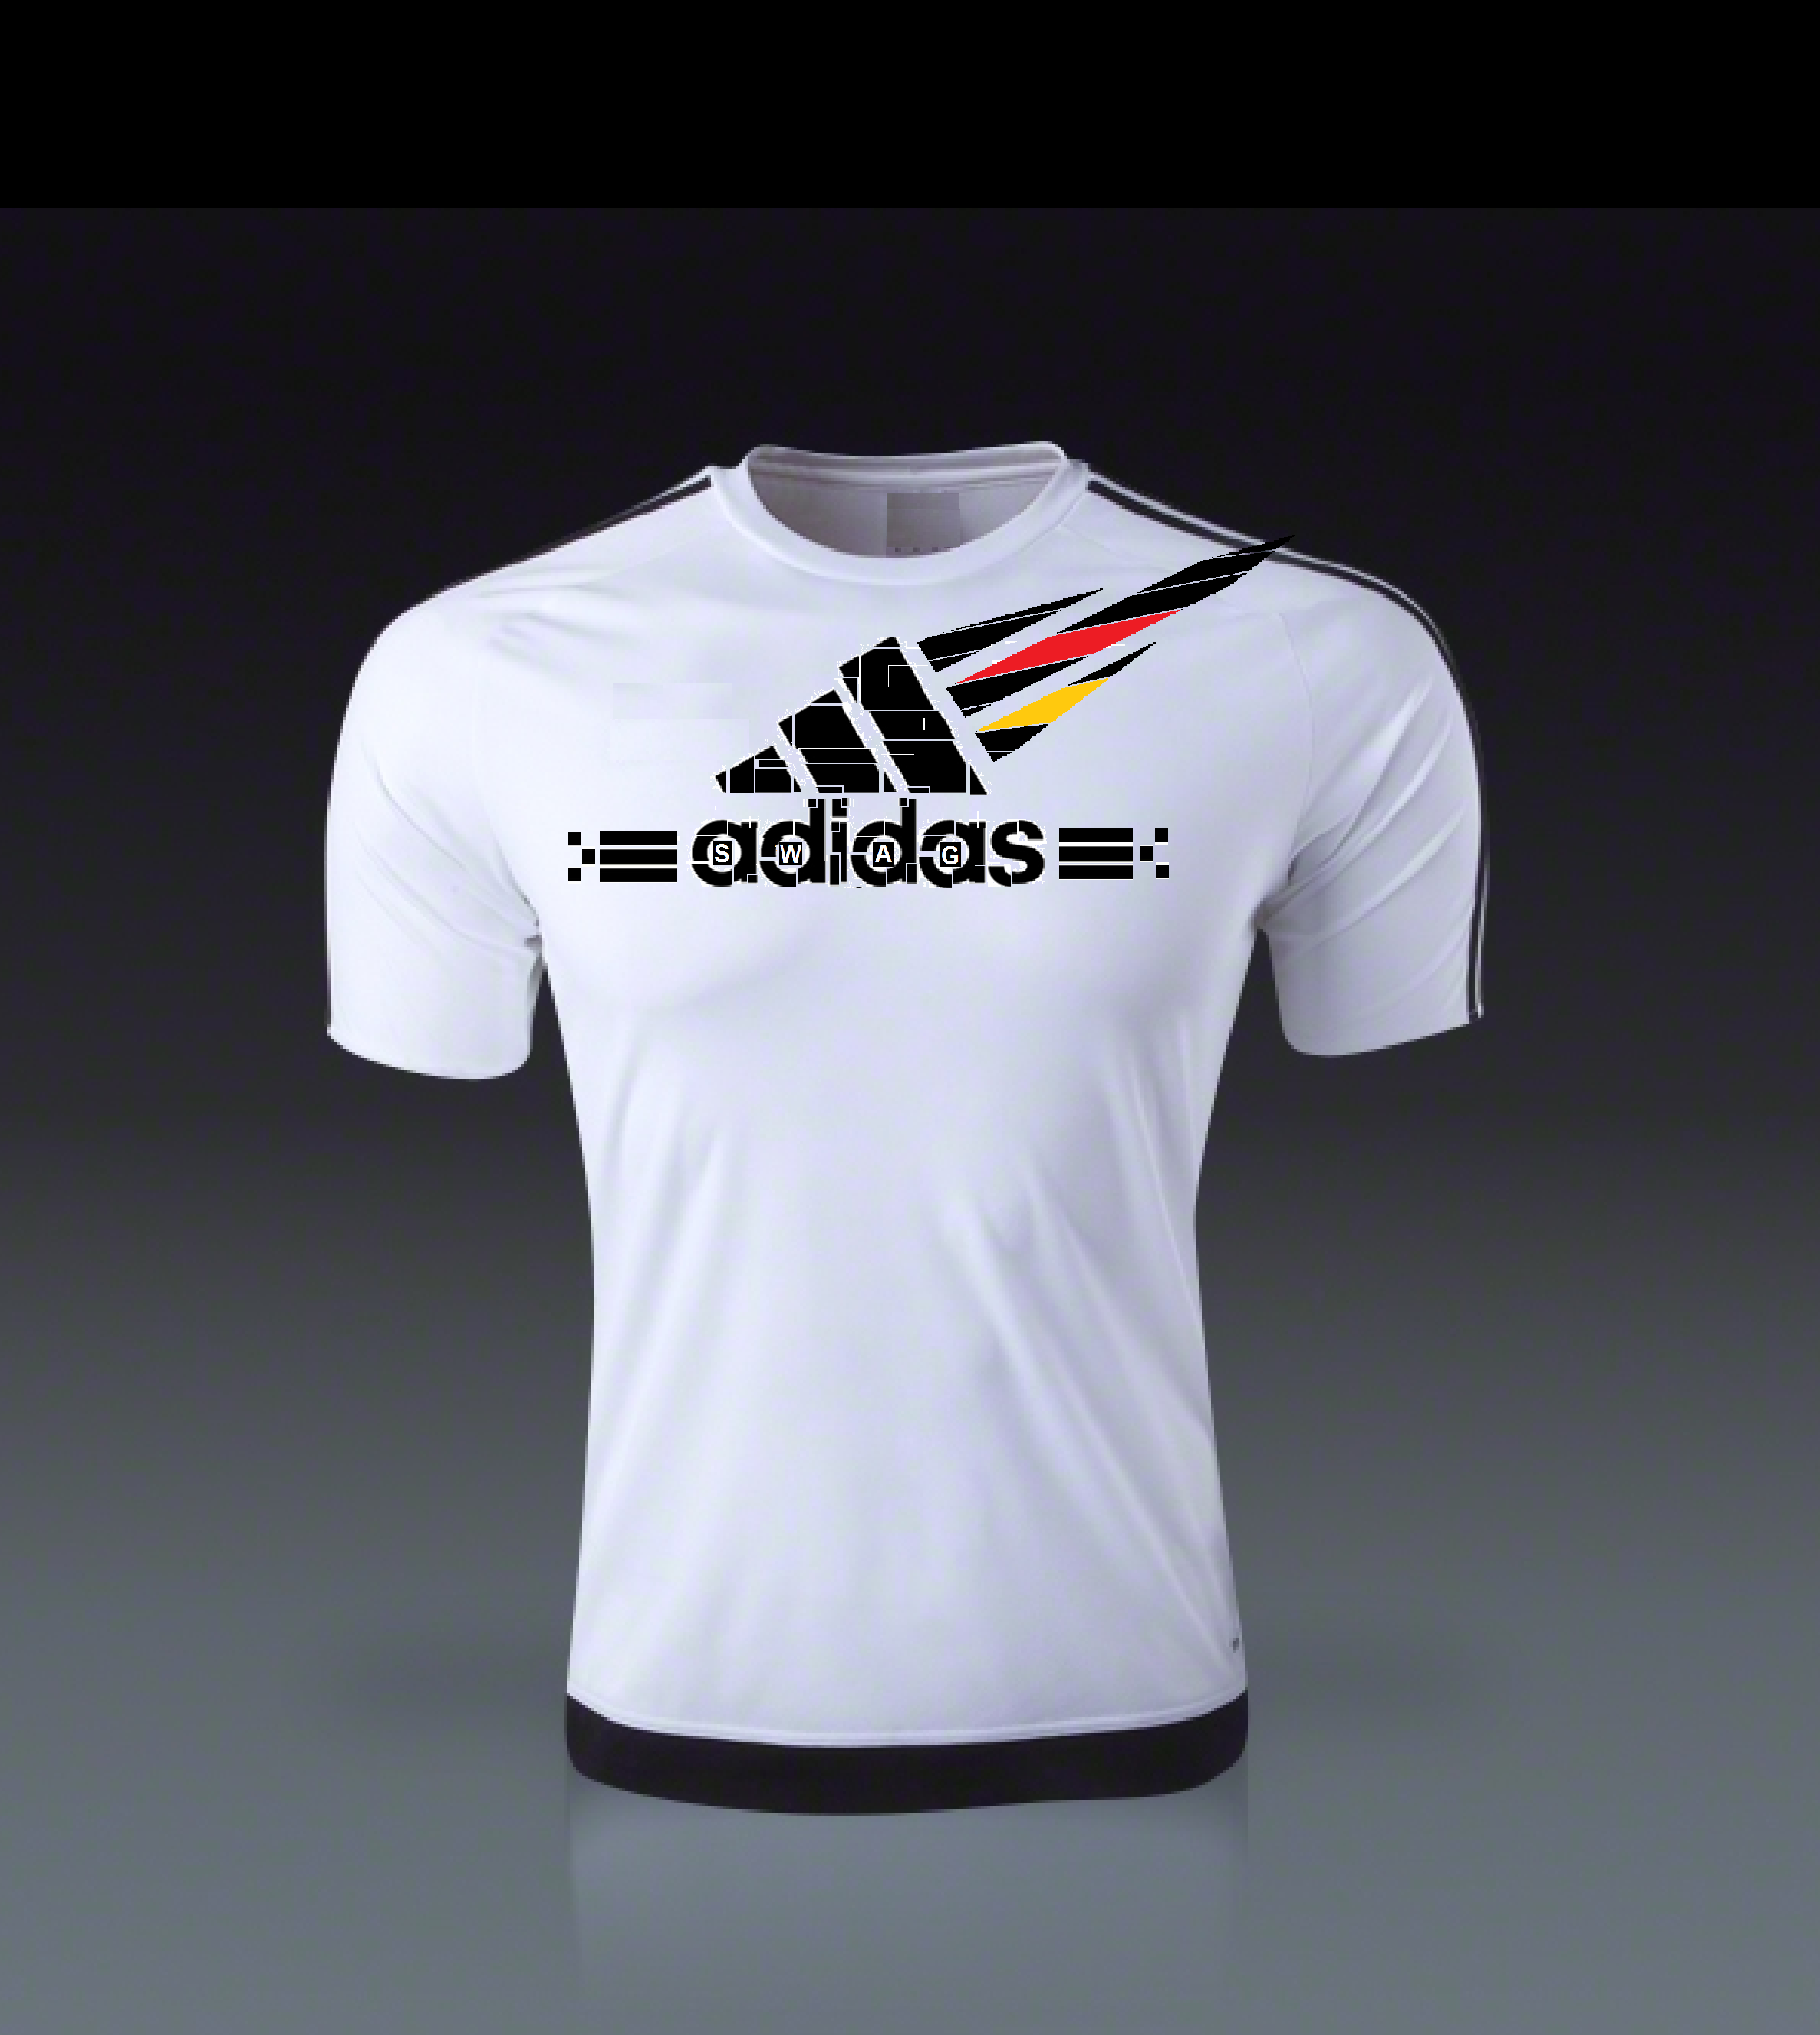 azafata Quagga fin de semana  Adidas, German, soccer, team, jersey, 2016. | Camisetas graciosas, Ropa de  moda hombre, Camisetas estampadas